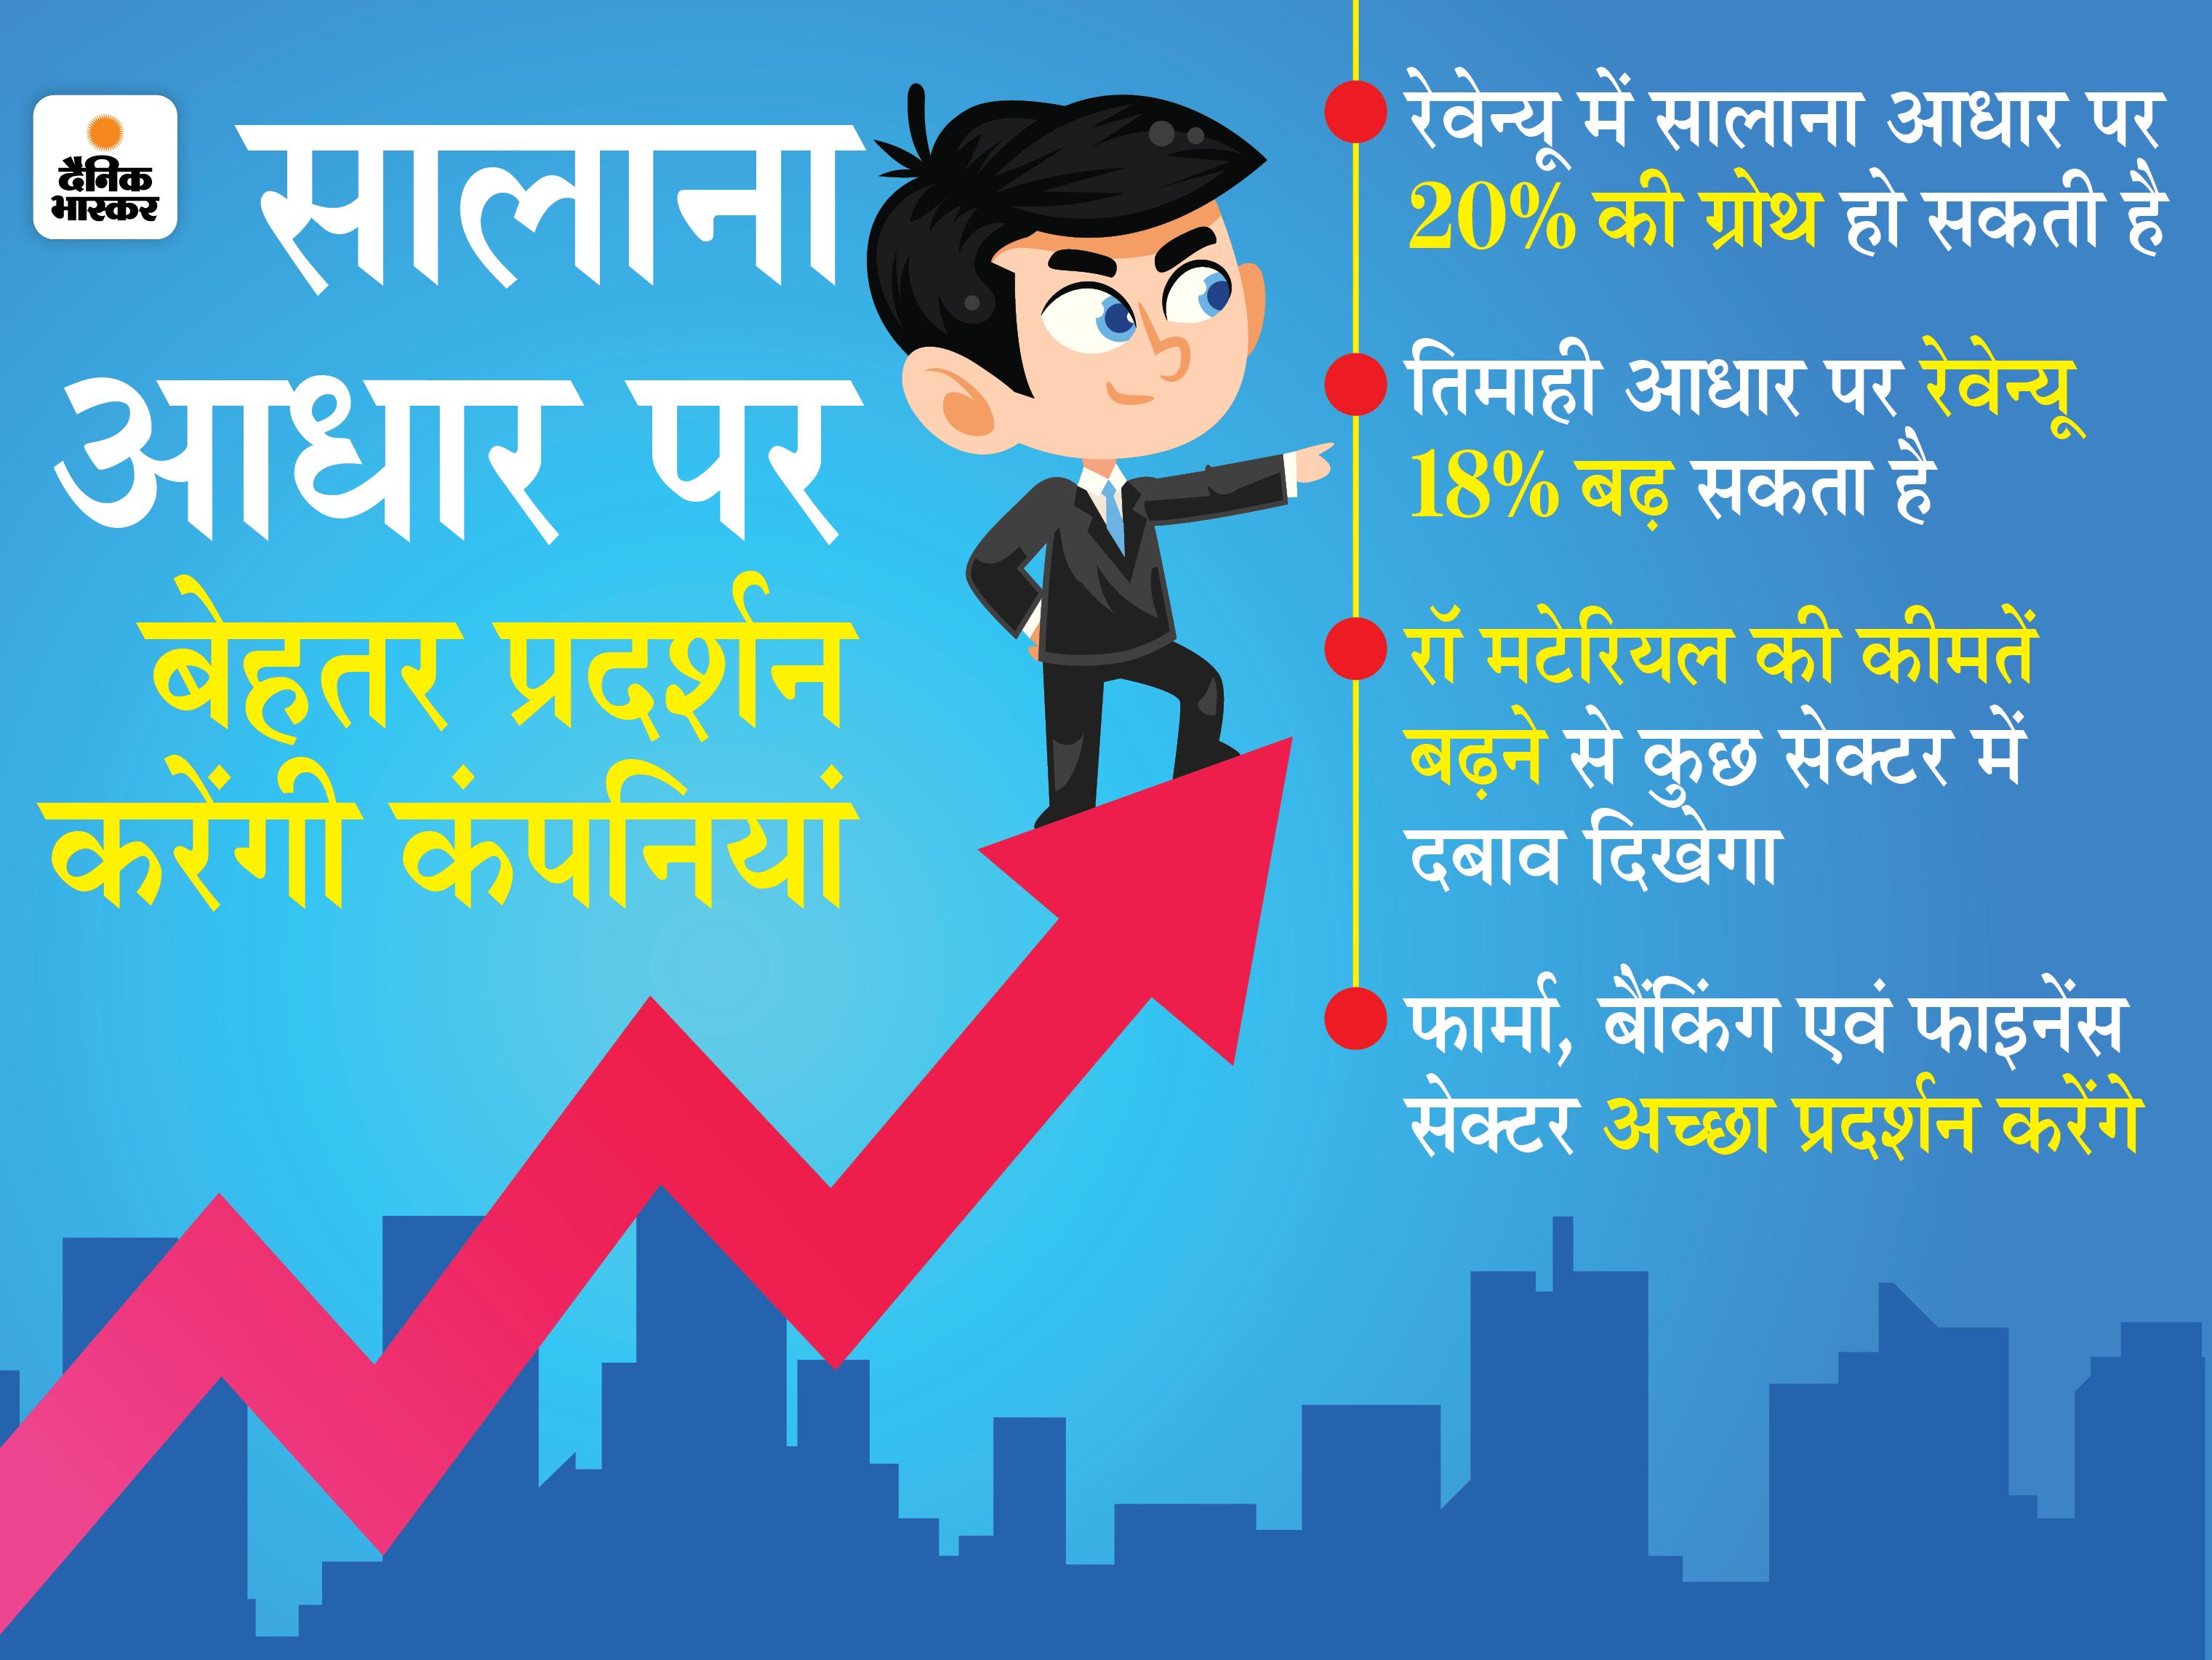 2020-21 में बेहतर प्रदर्शन करेंगी निफ्टी-50 कंपनियां, दोगुना बढ़ सकता है फायदा बिजनेस,Business - Dainik Bhaskar